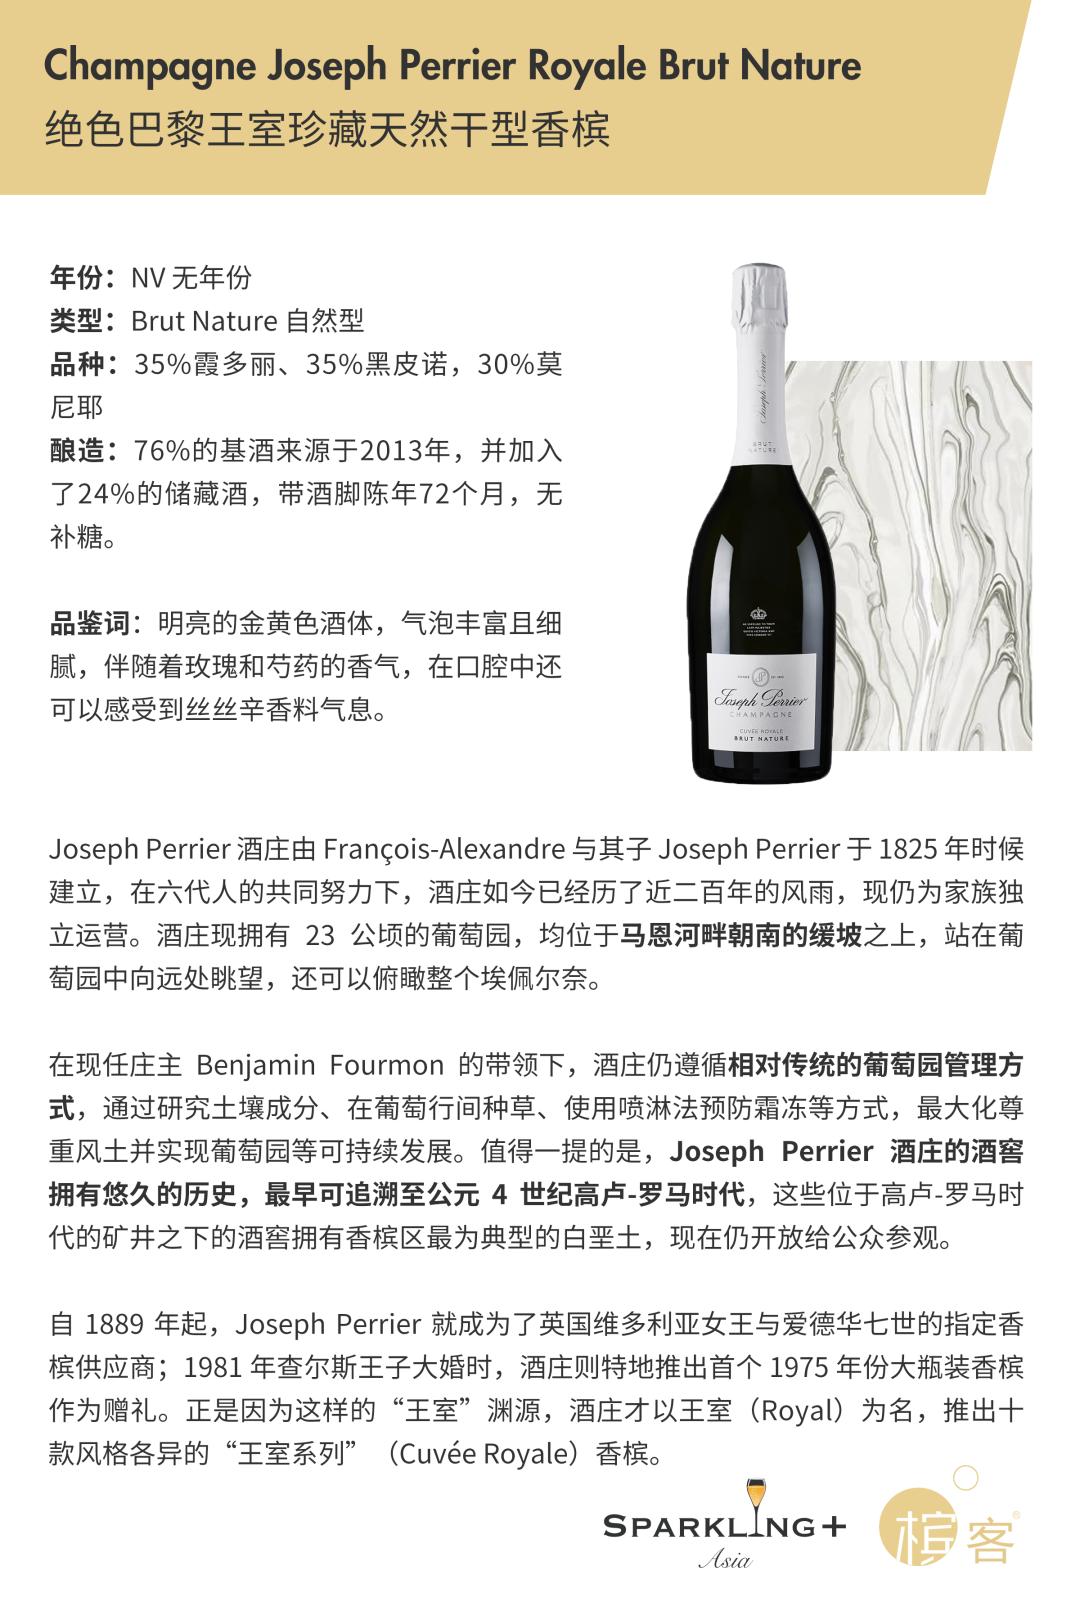 7.14 北京 | 香槟畅饮局,你要来哪个颜色